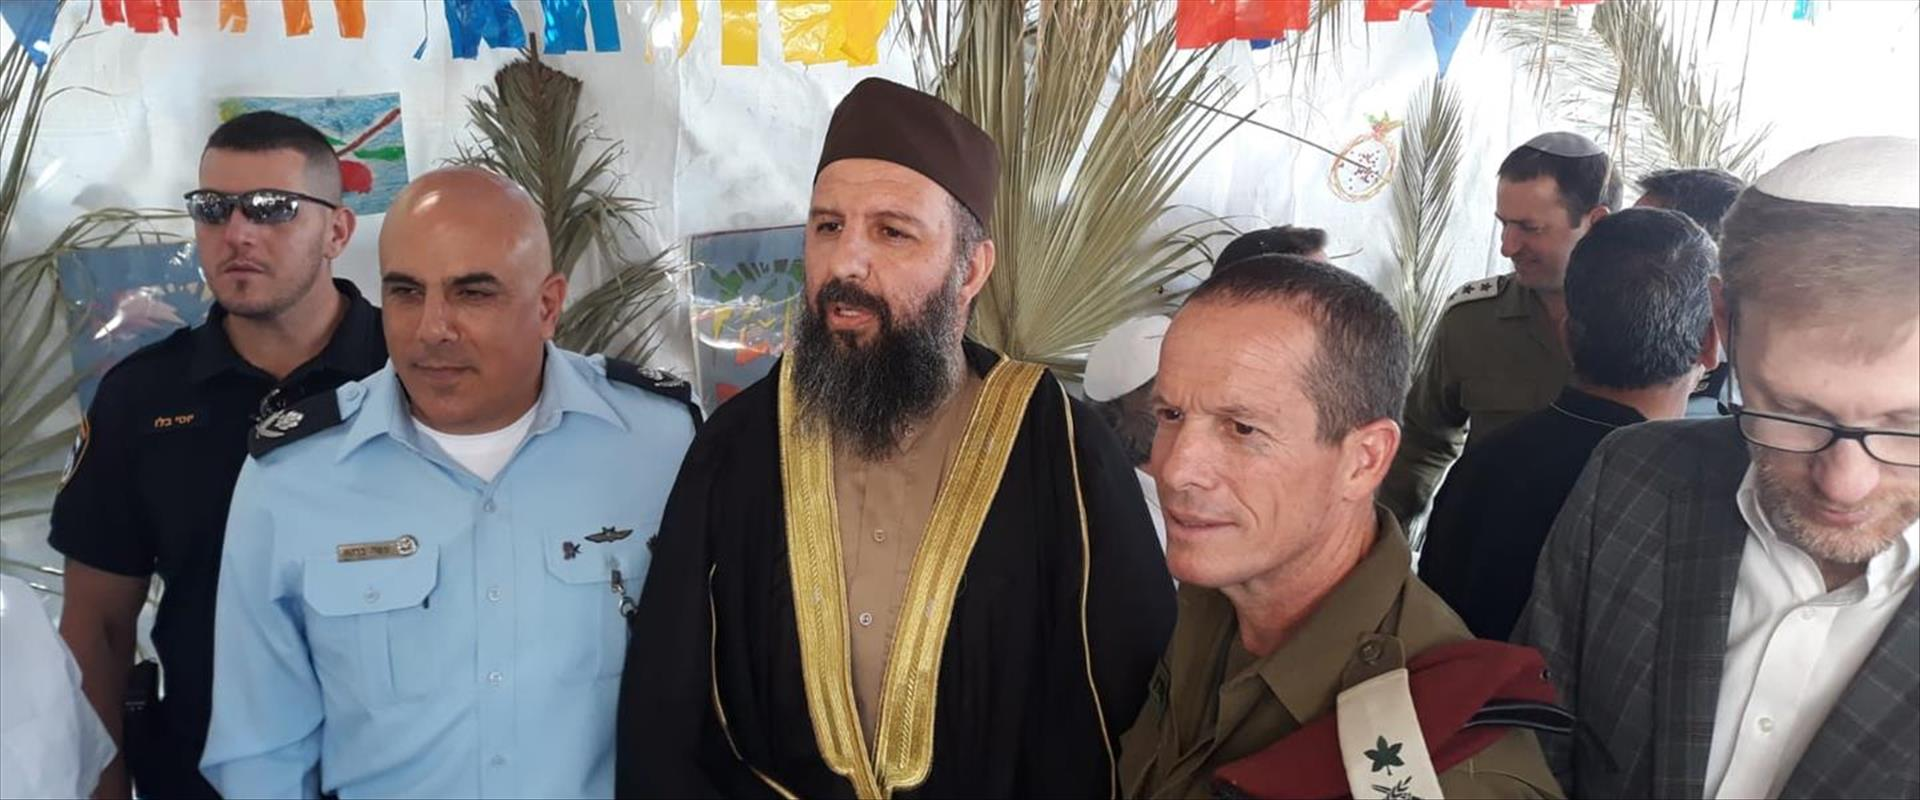 ראש מועצת אפרת הזמין פלסטינים לסוכתו